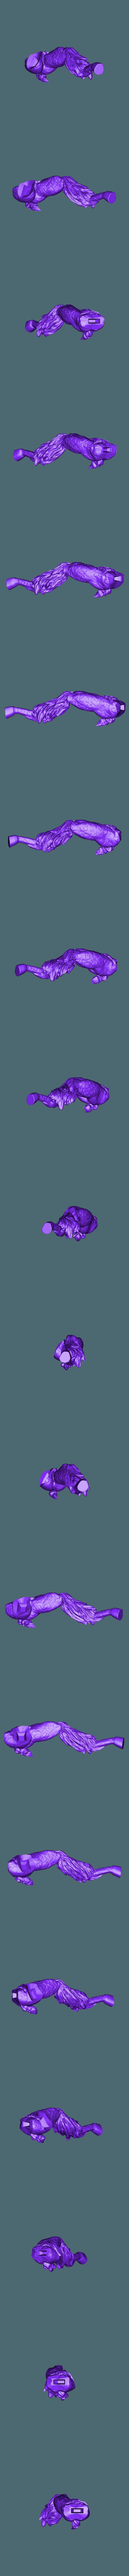 D%C3%A9voreur_-_Jambe_Gauche.stl Télécharger fichier STL gratuit Le Dévoreur • Design pour impression 3D, BODY3D